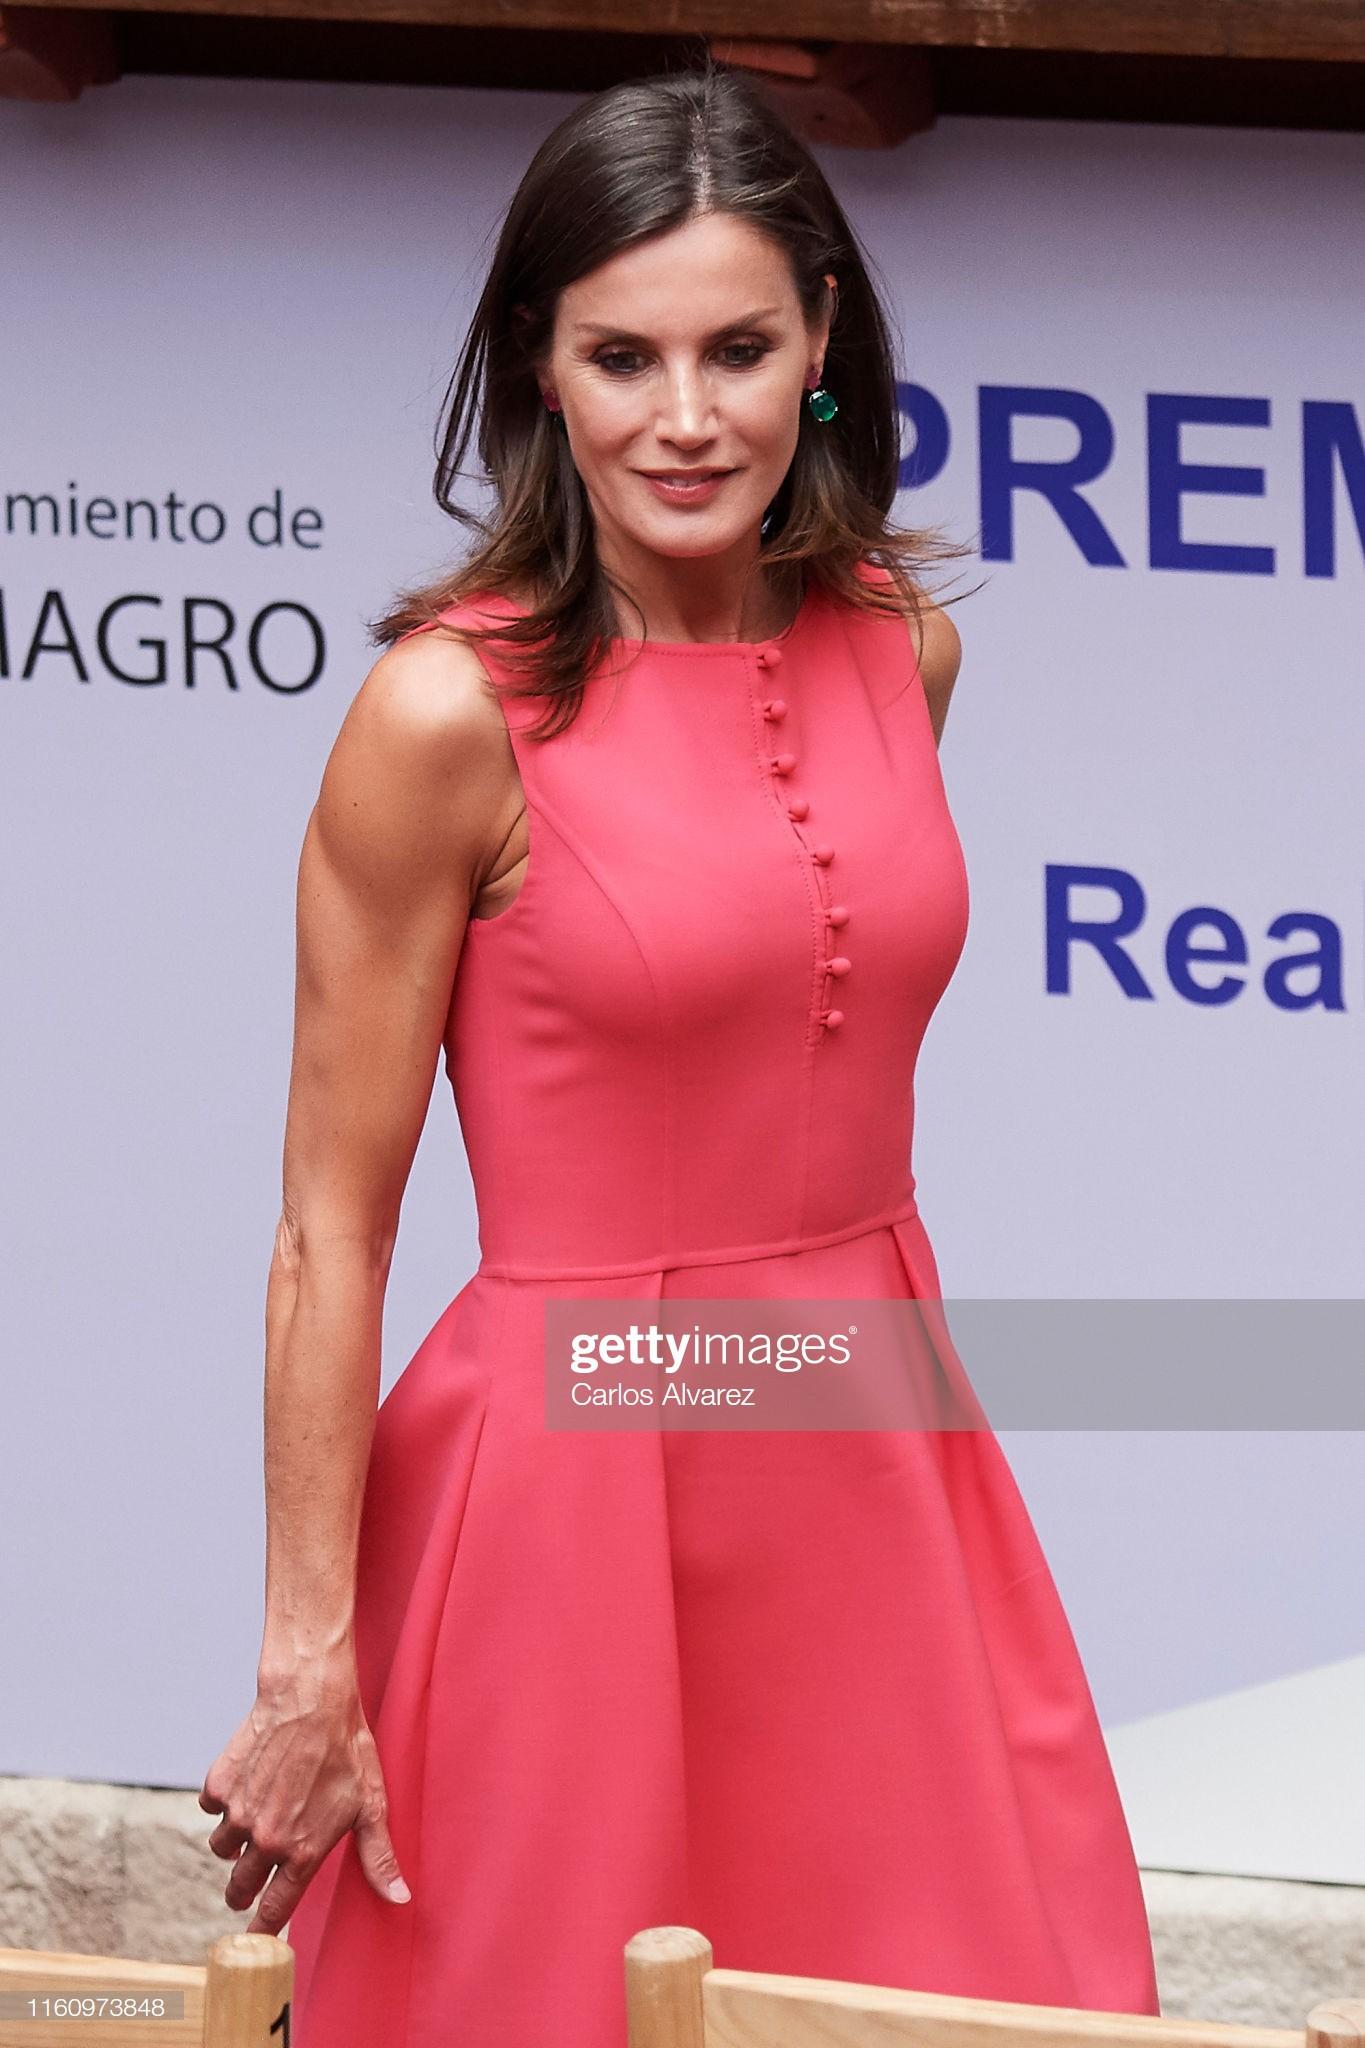 Sở hữu cánh tay săn chắc lực điền nhưng Hoàng hậu Tây Ban Nha lại được khen ngợi hết lời khi diện váy áo sát nách - Ảnh 1.